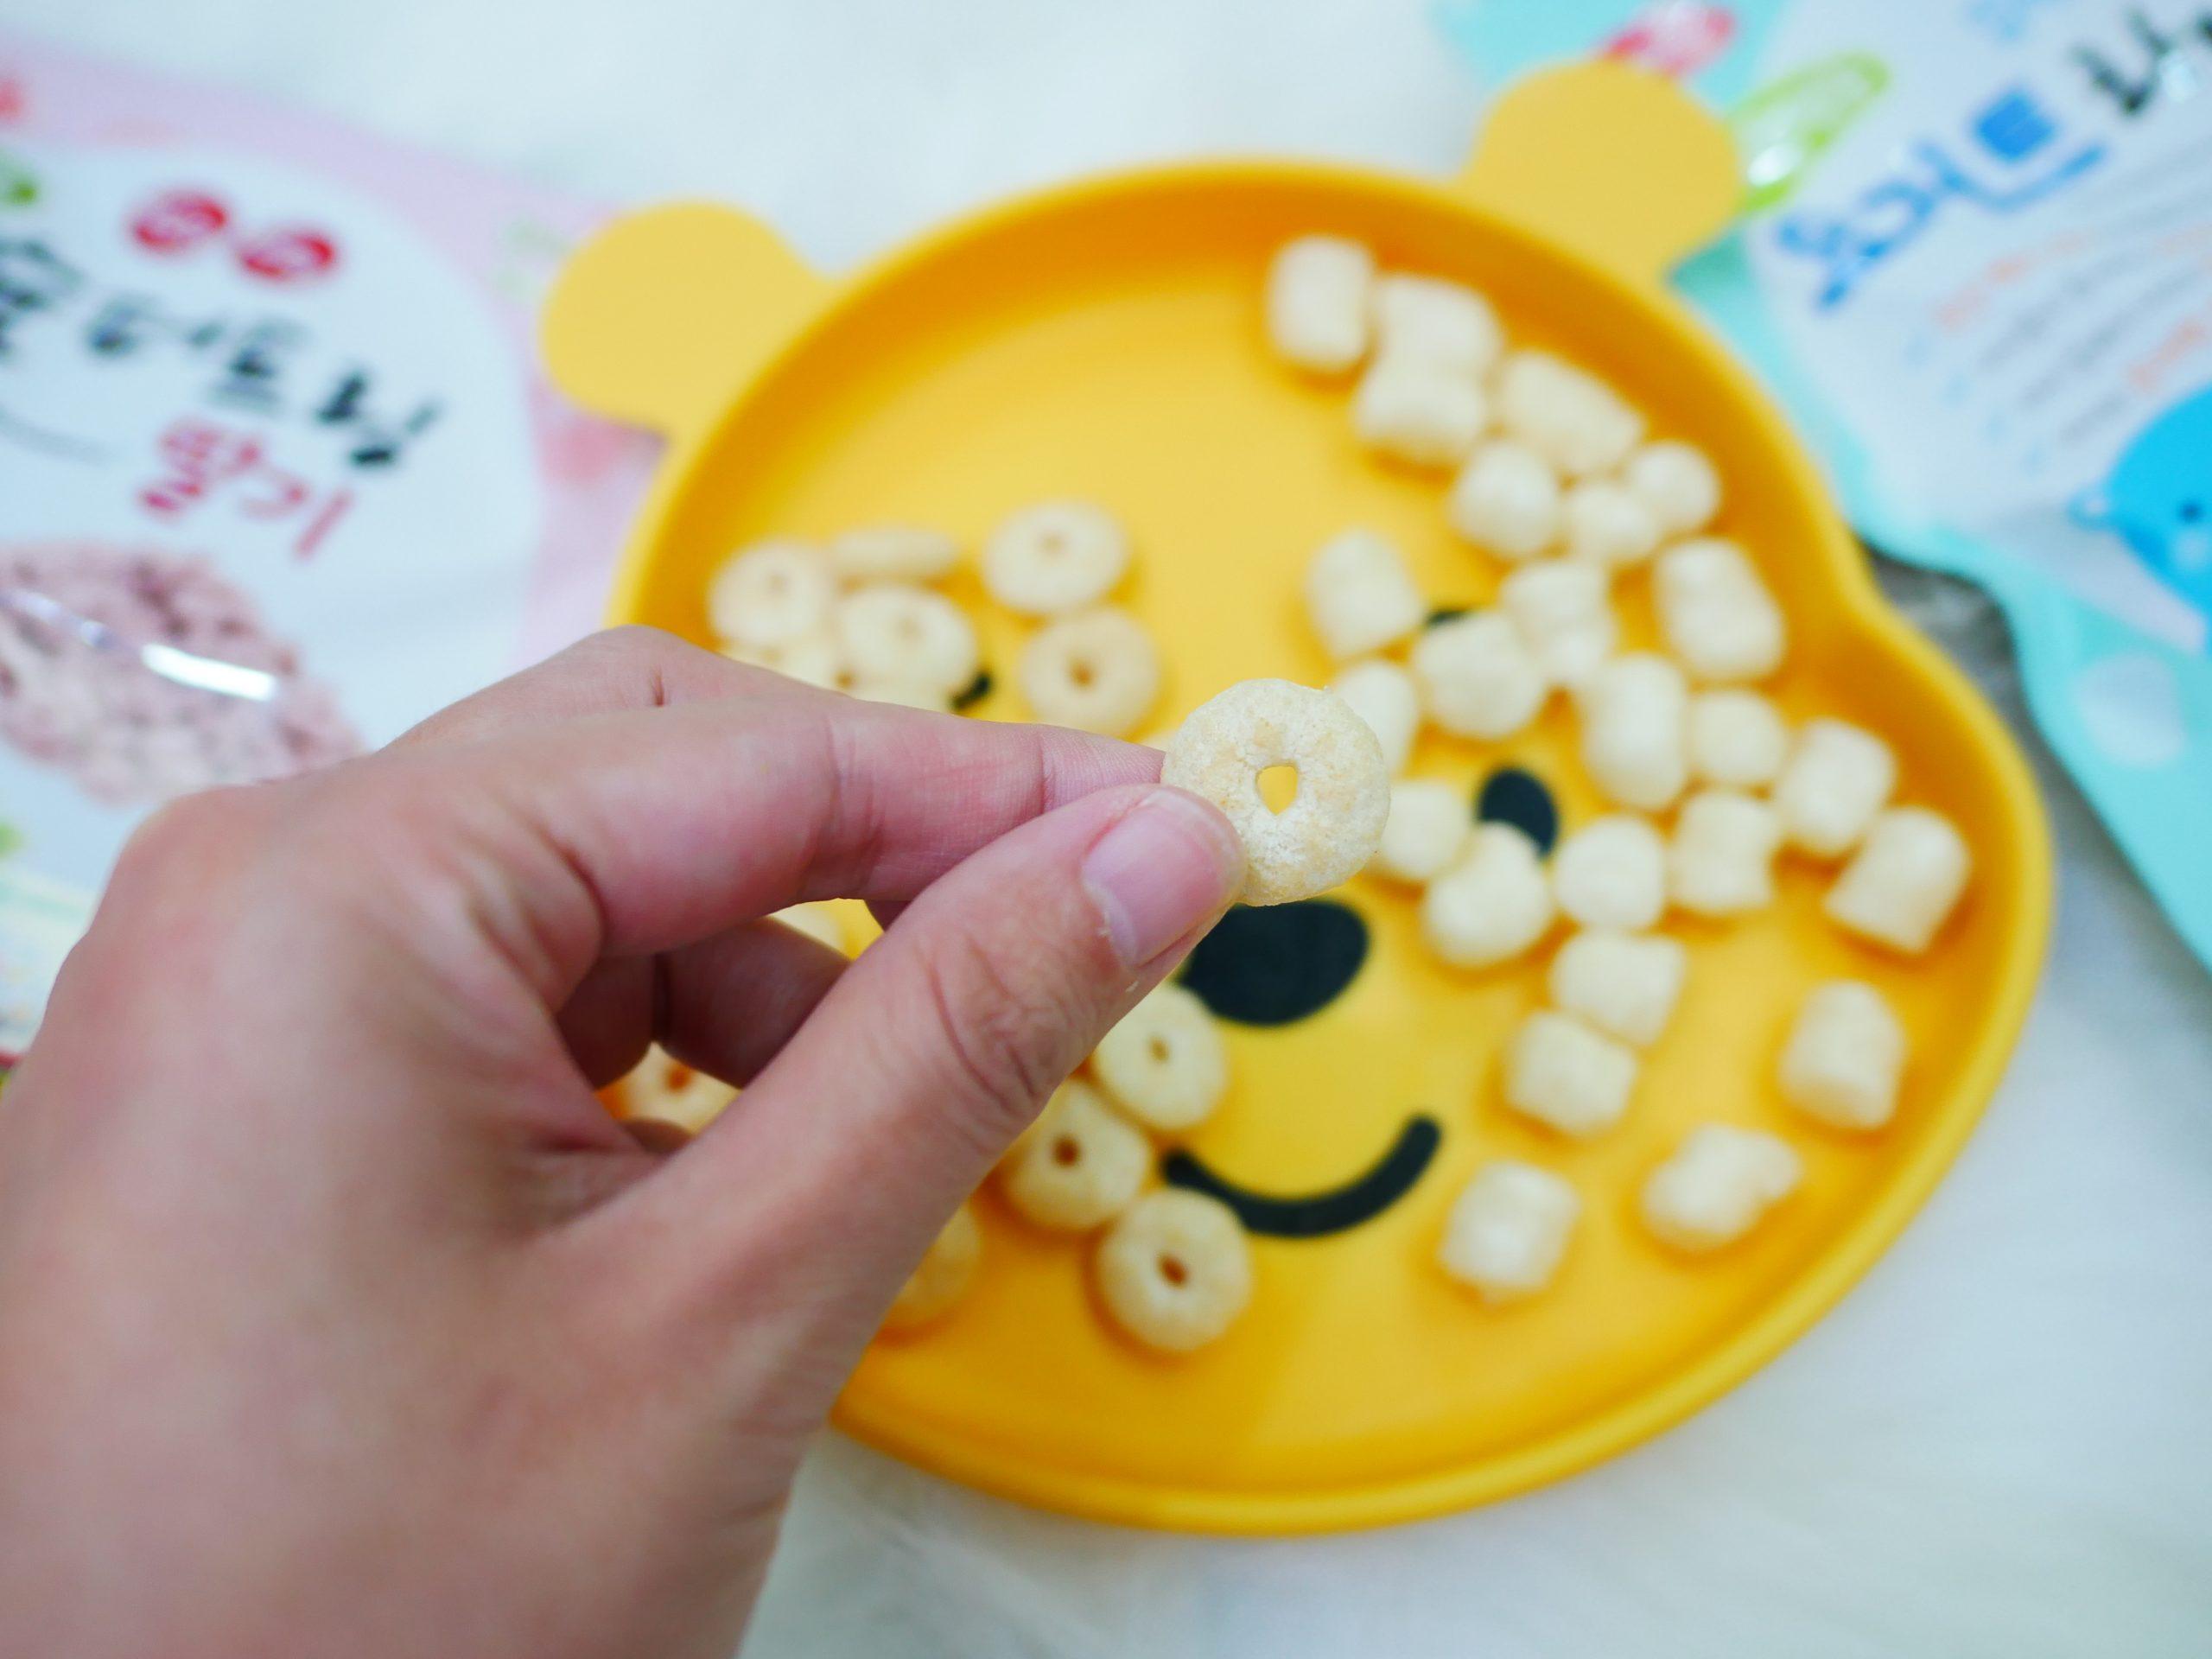 【團購】美國little.b 316雙層不鏽鋼吸盤碗 X寶寶醬油寶寶海鹽寶寶餅乾X 寶寶食品團 @小環妞 幸福足跡